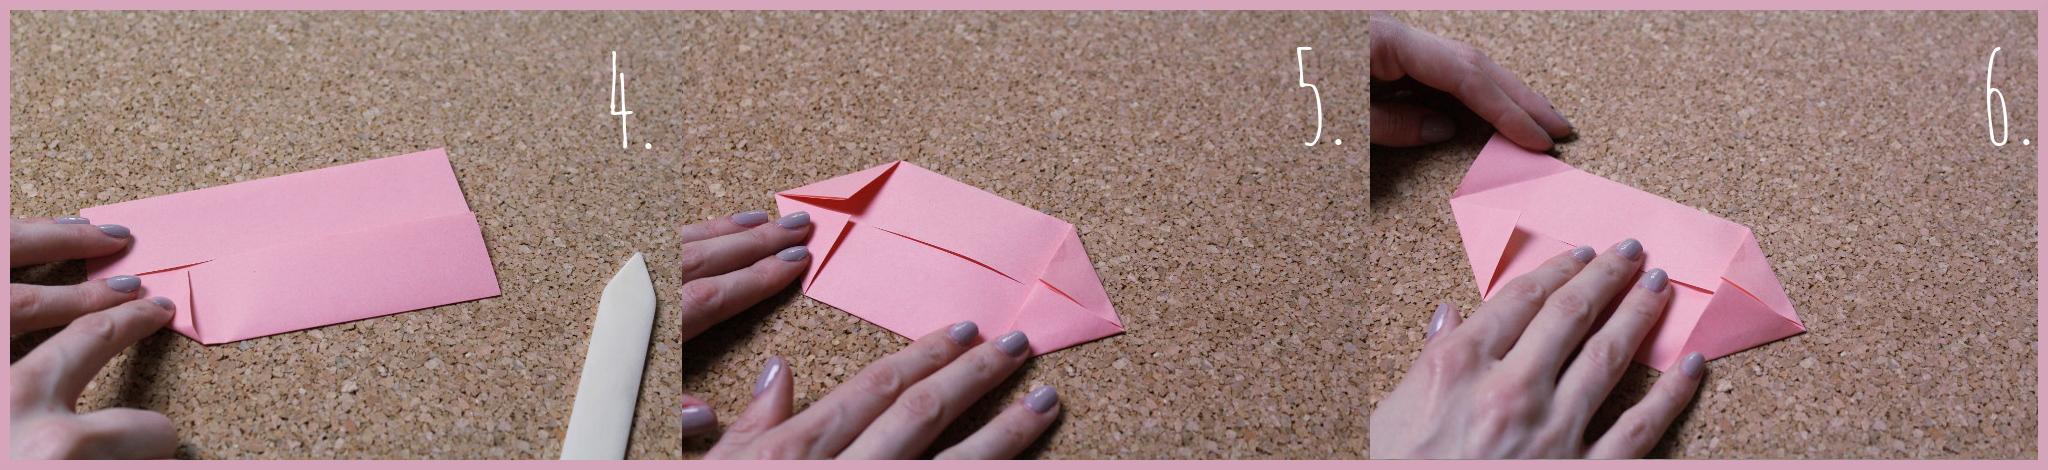 Origami Schwein Bastelanleitung von frau friemel Schritt 4-6